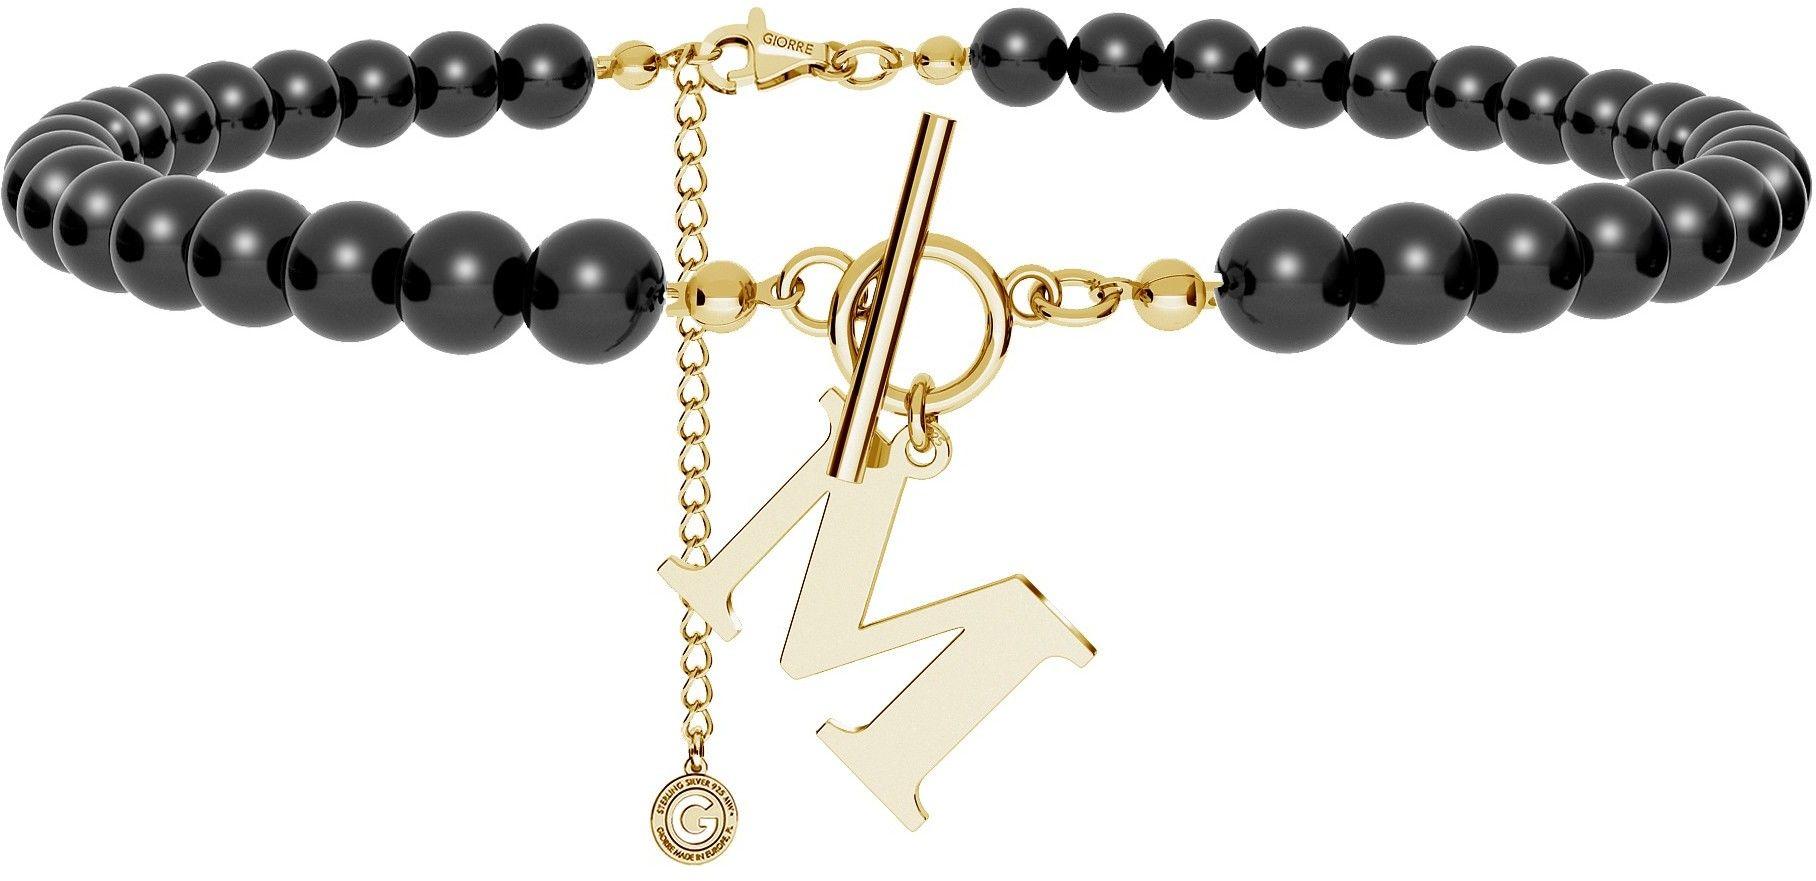 Czarny perłowy choker z dowolną literą, Swarovski, srebro 925 : Litera - X, Srebro - kolor pokrycia - Pokrycie platyną